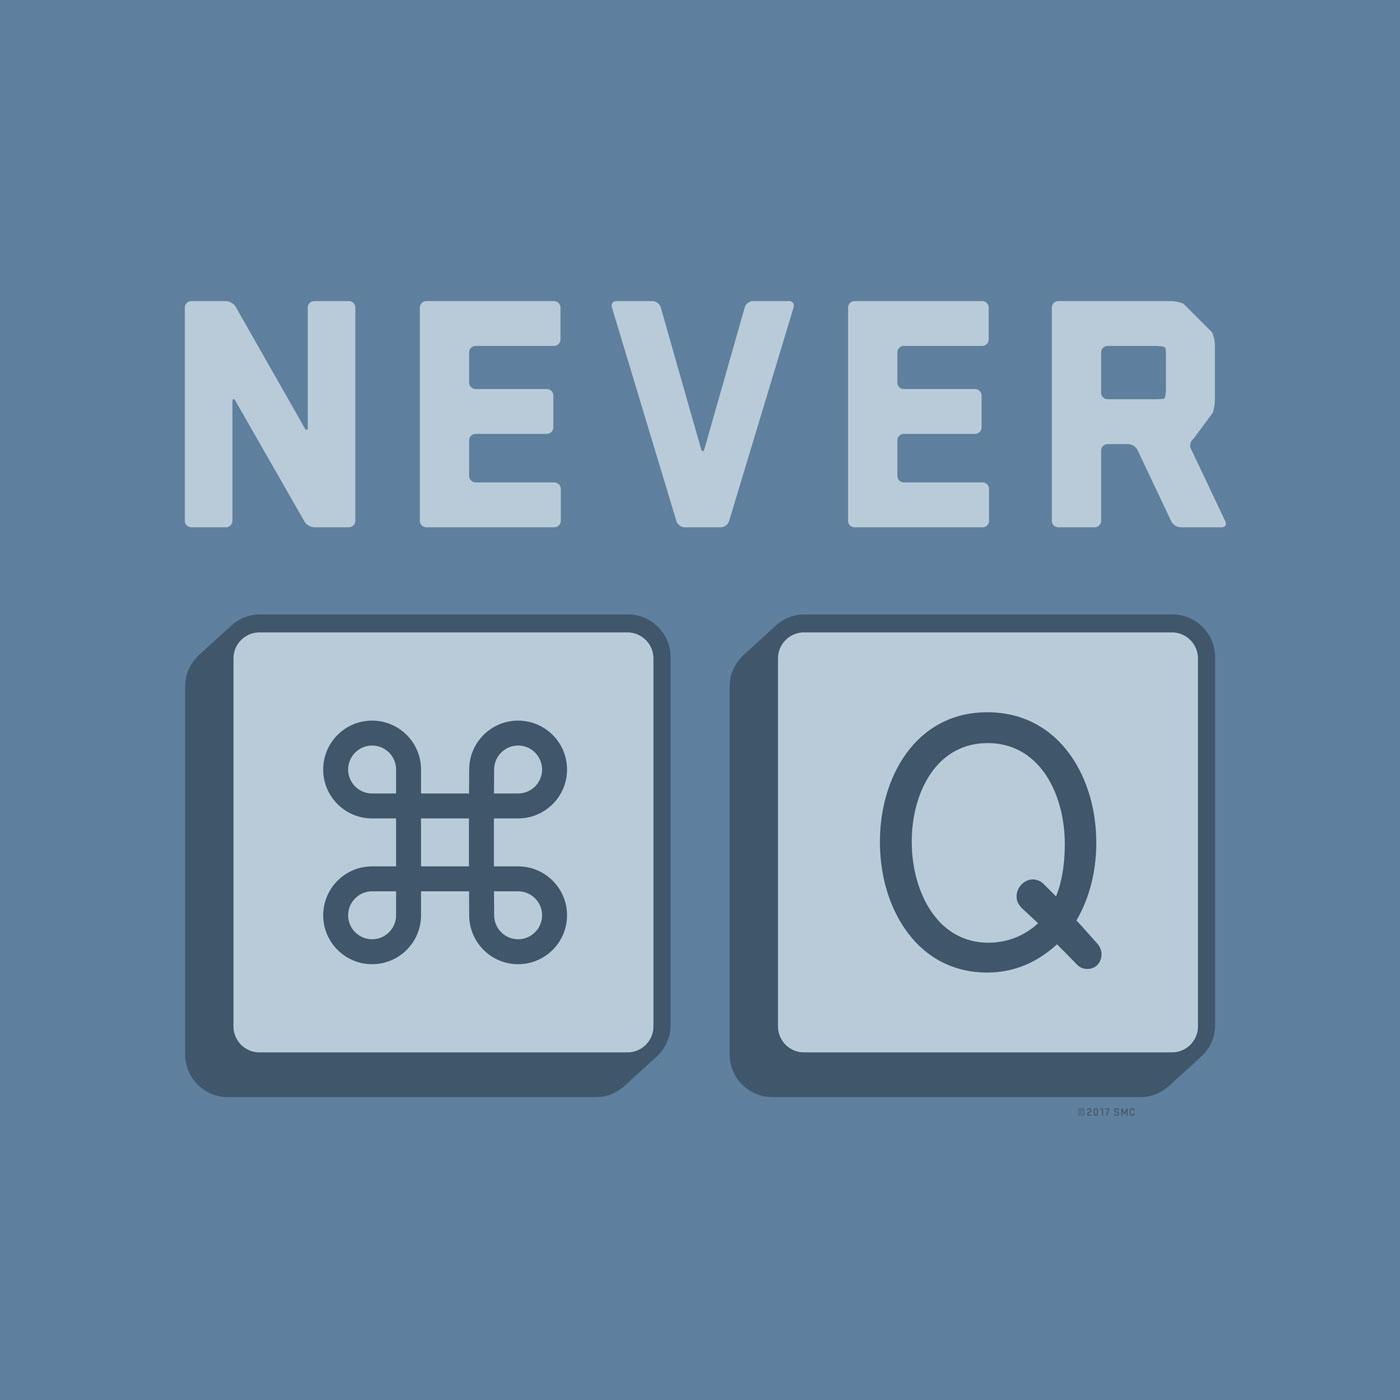 Graphic Design Dallas - Never Quit